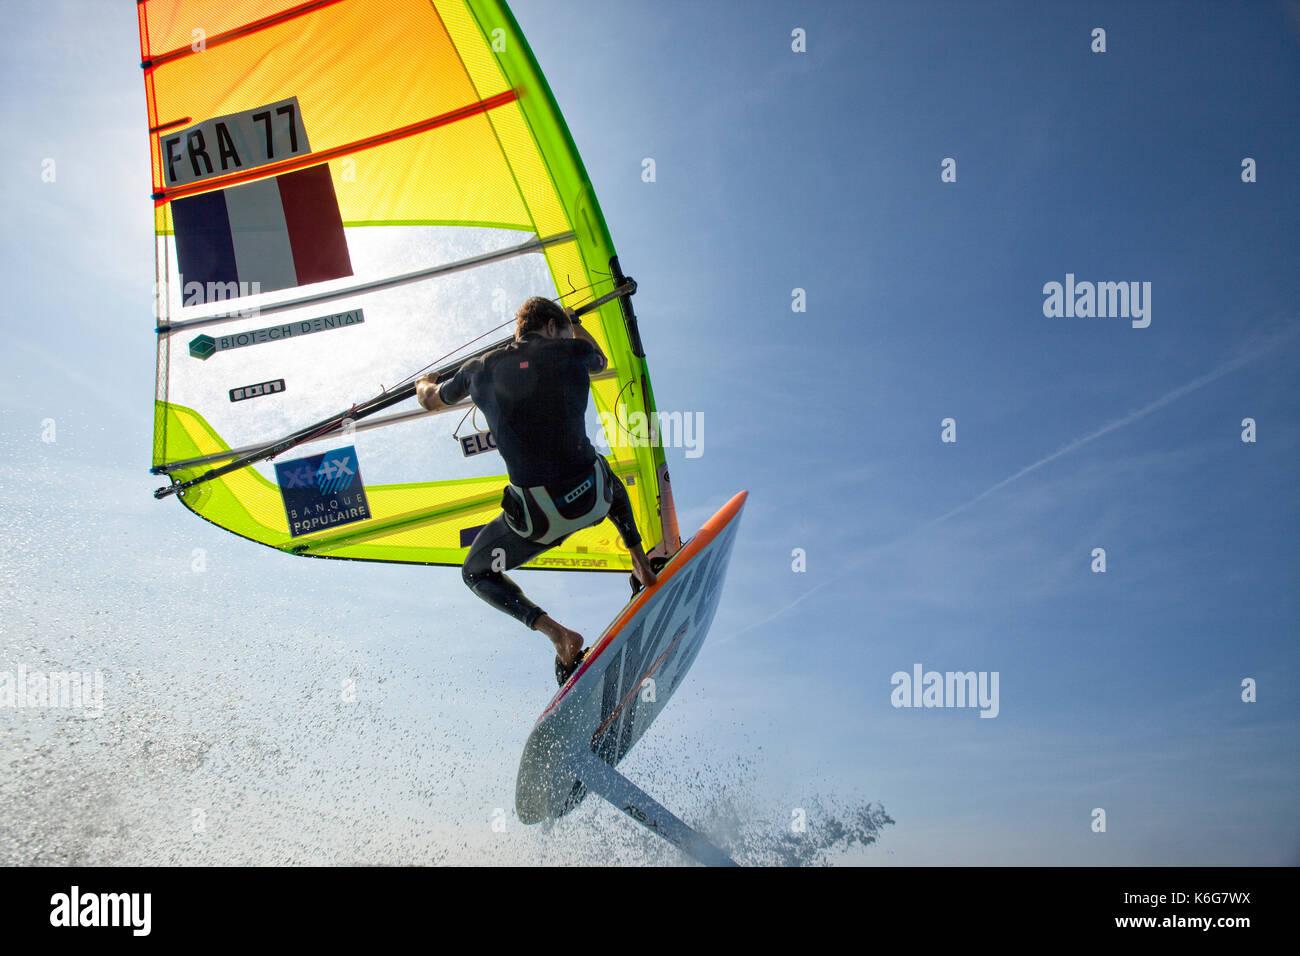 Le Coq Stock Photos & Le Coq Stock Images - Alamy